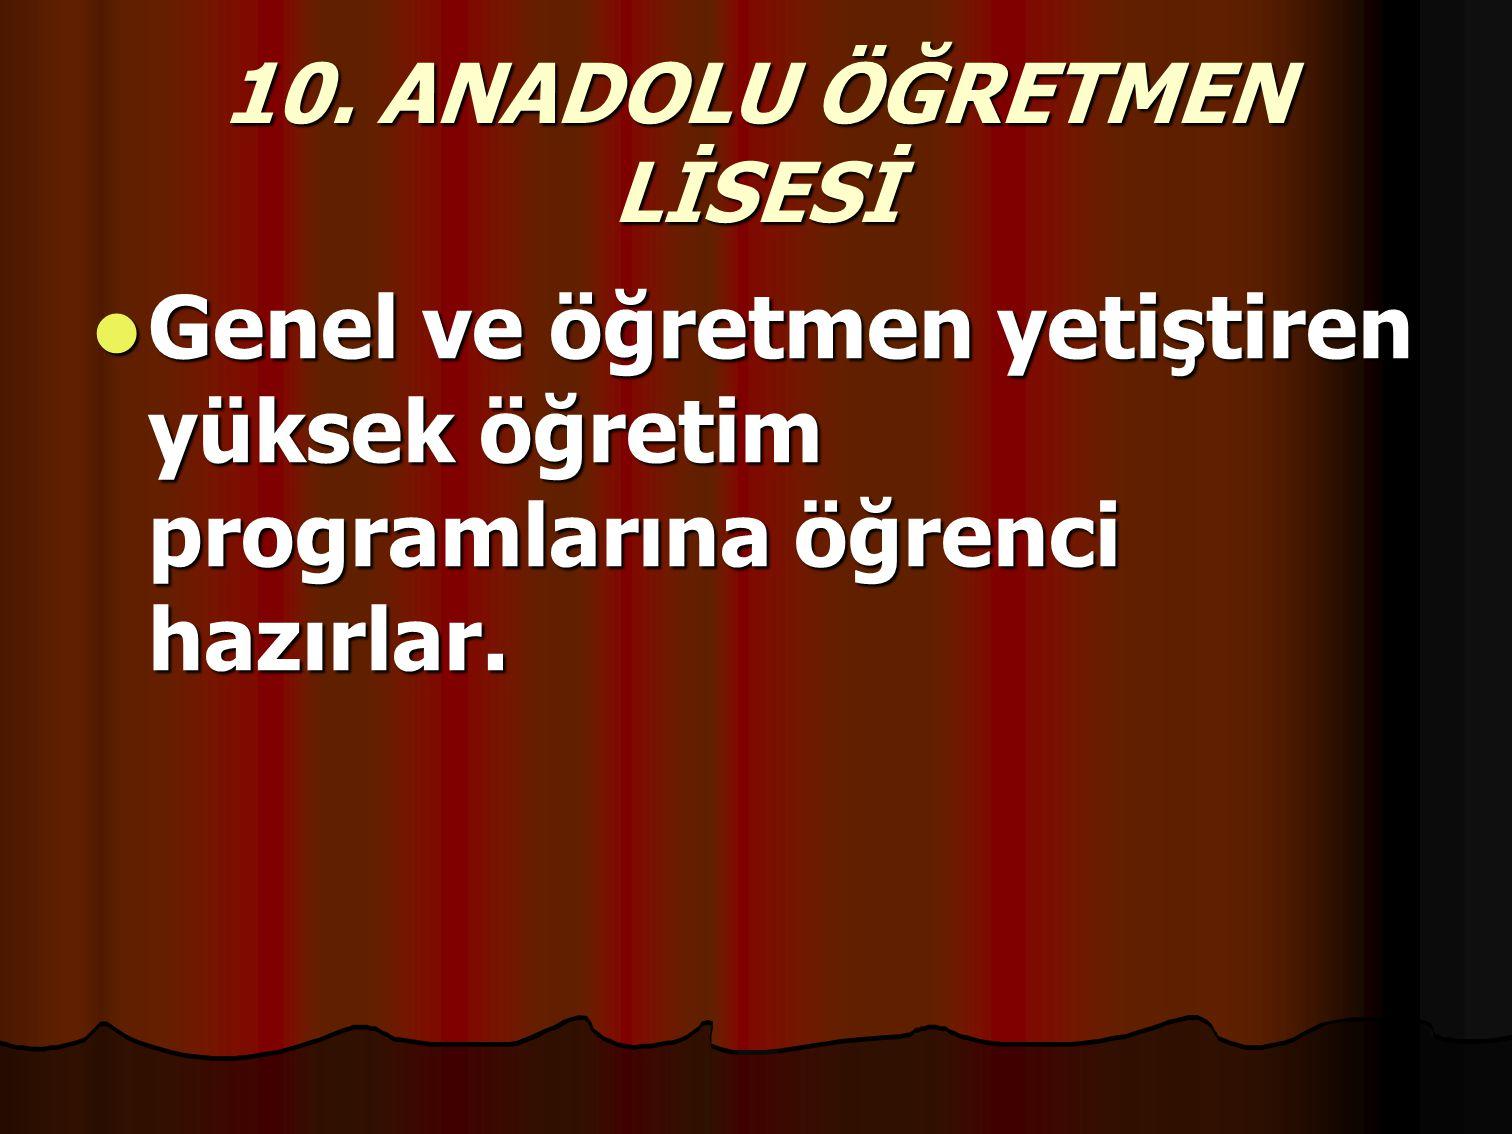 10. ANADOLU ÖĞRETMEN LİSESİ